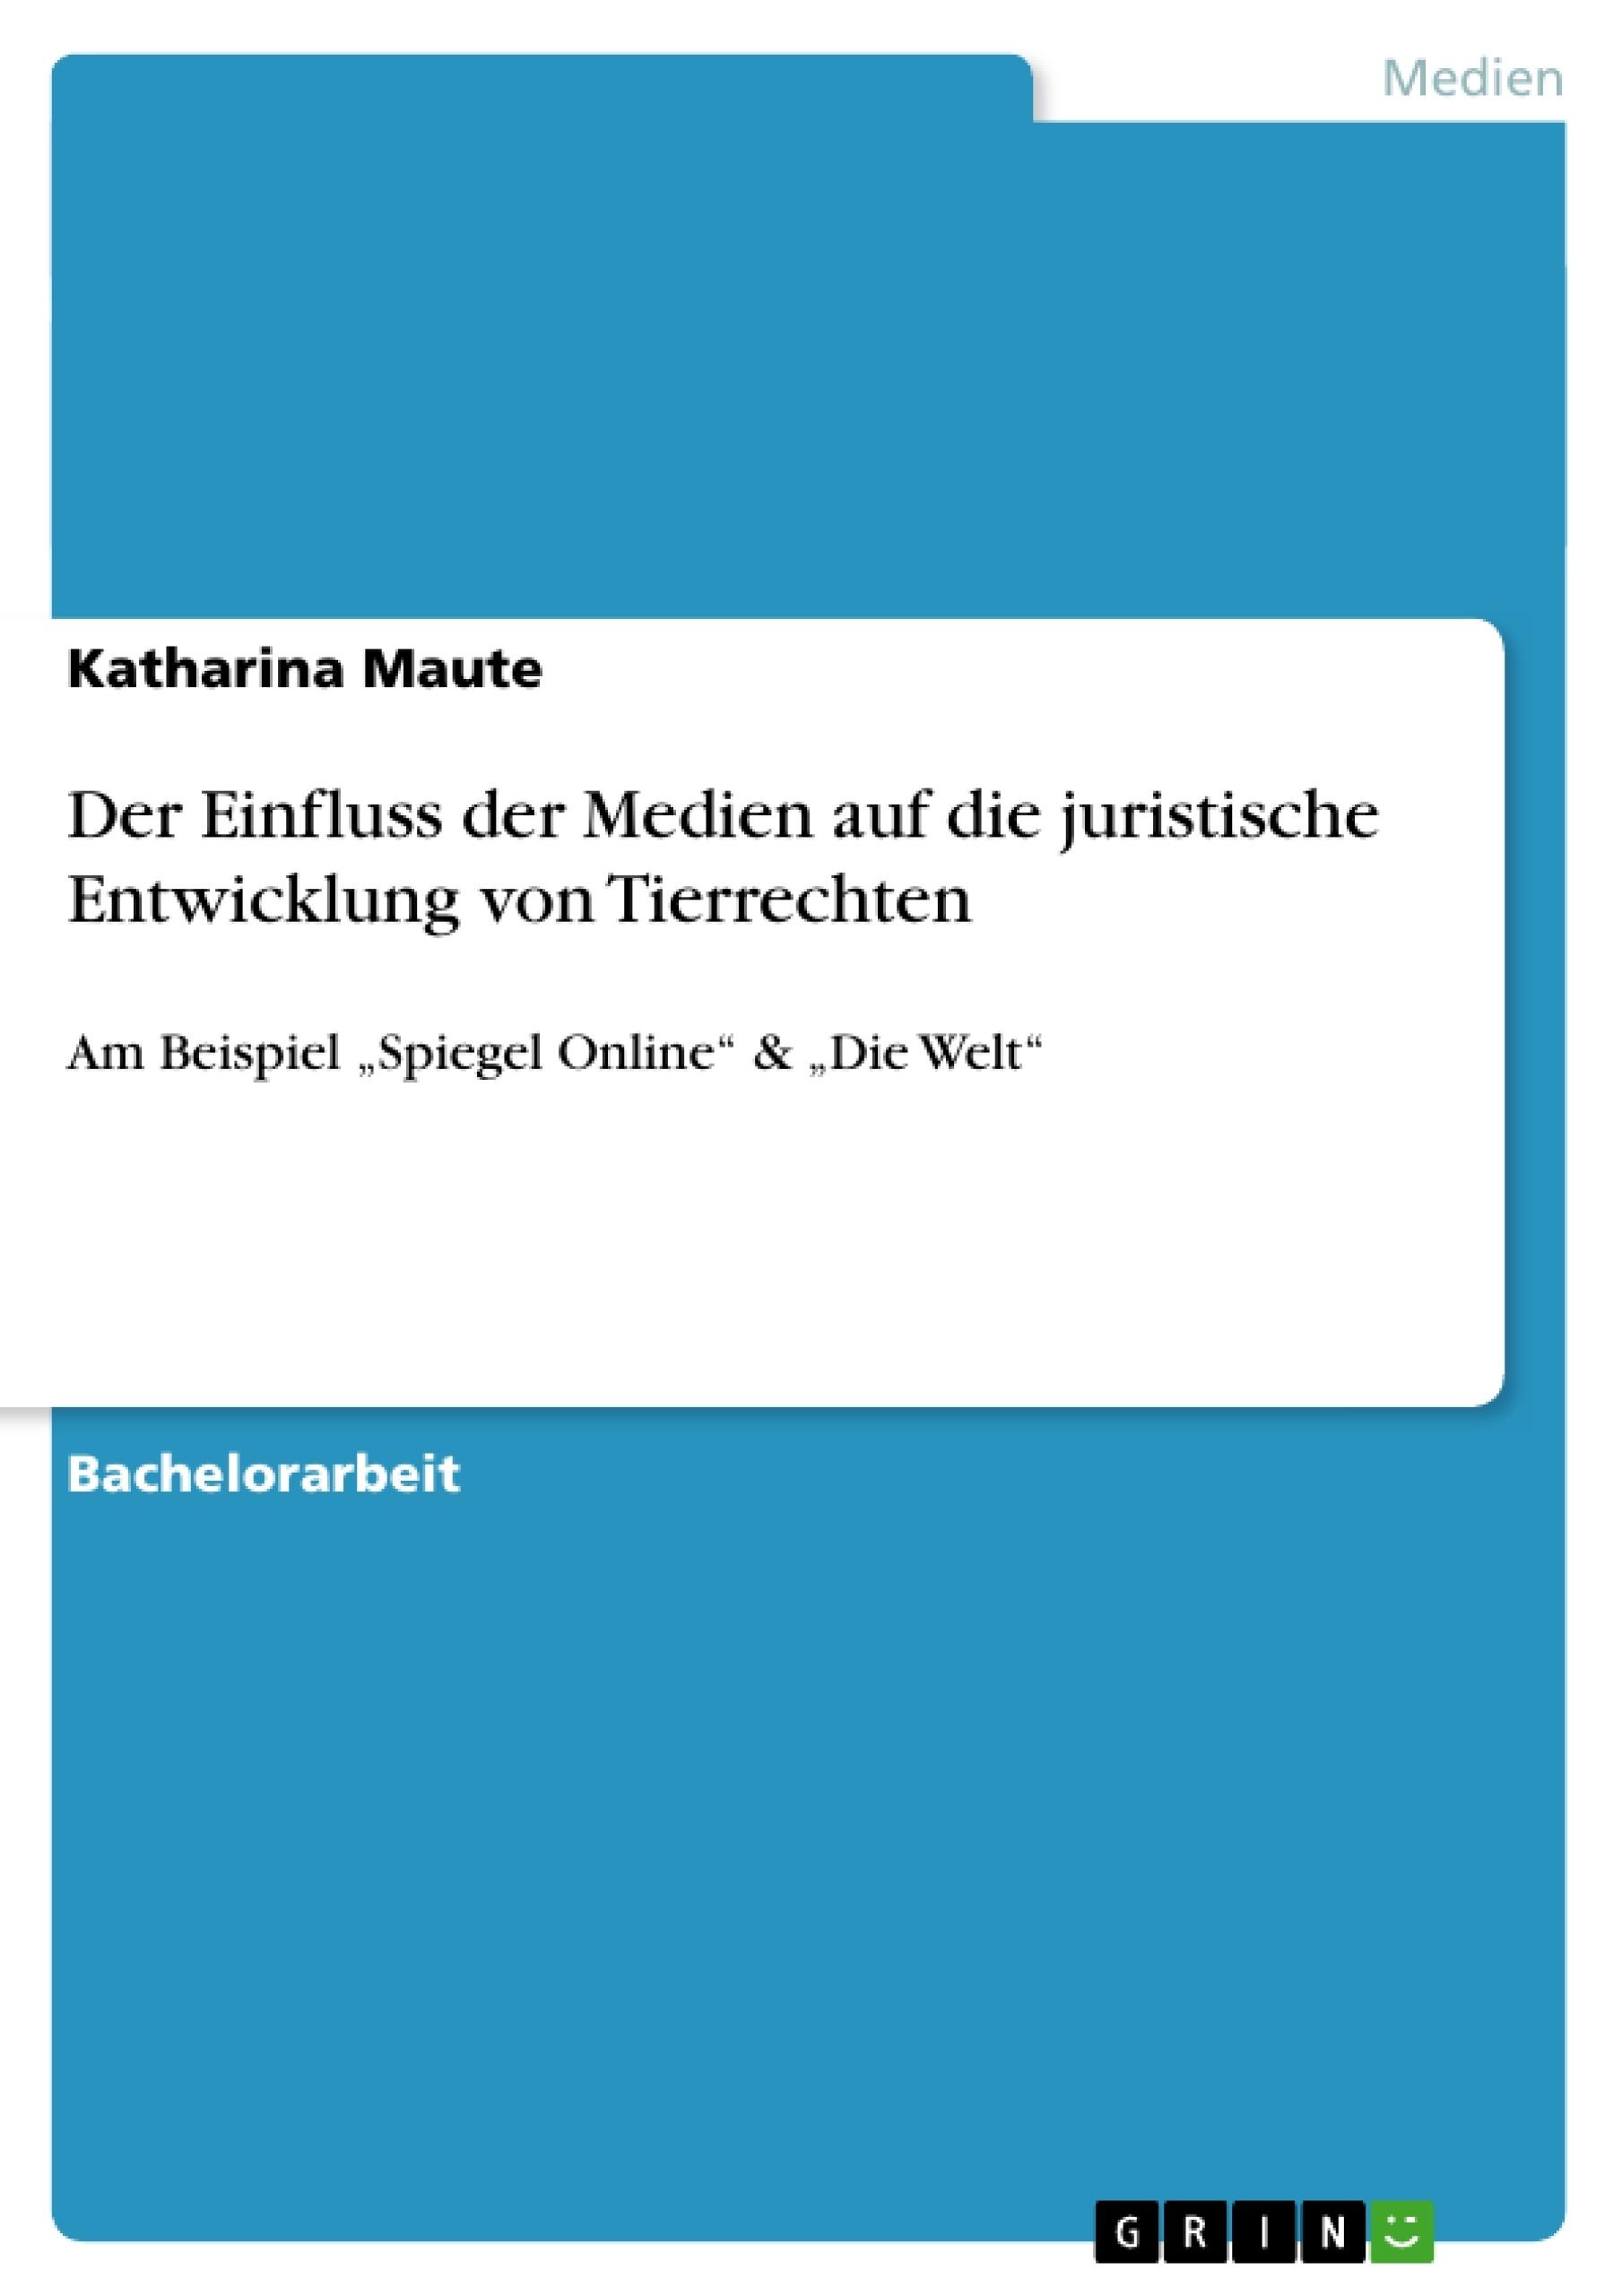 Titel: Der Einfluss der Medien auf die juristische Entwicklung von Tierrechten